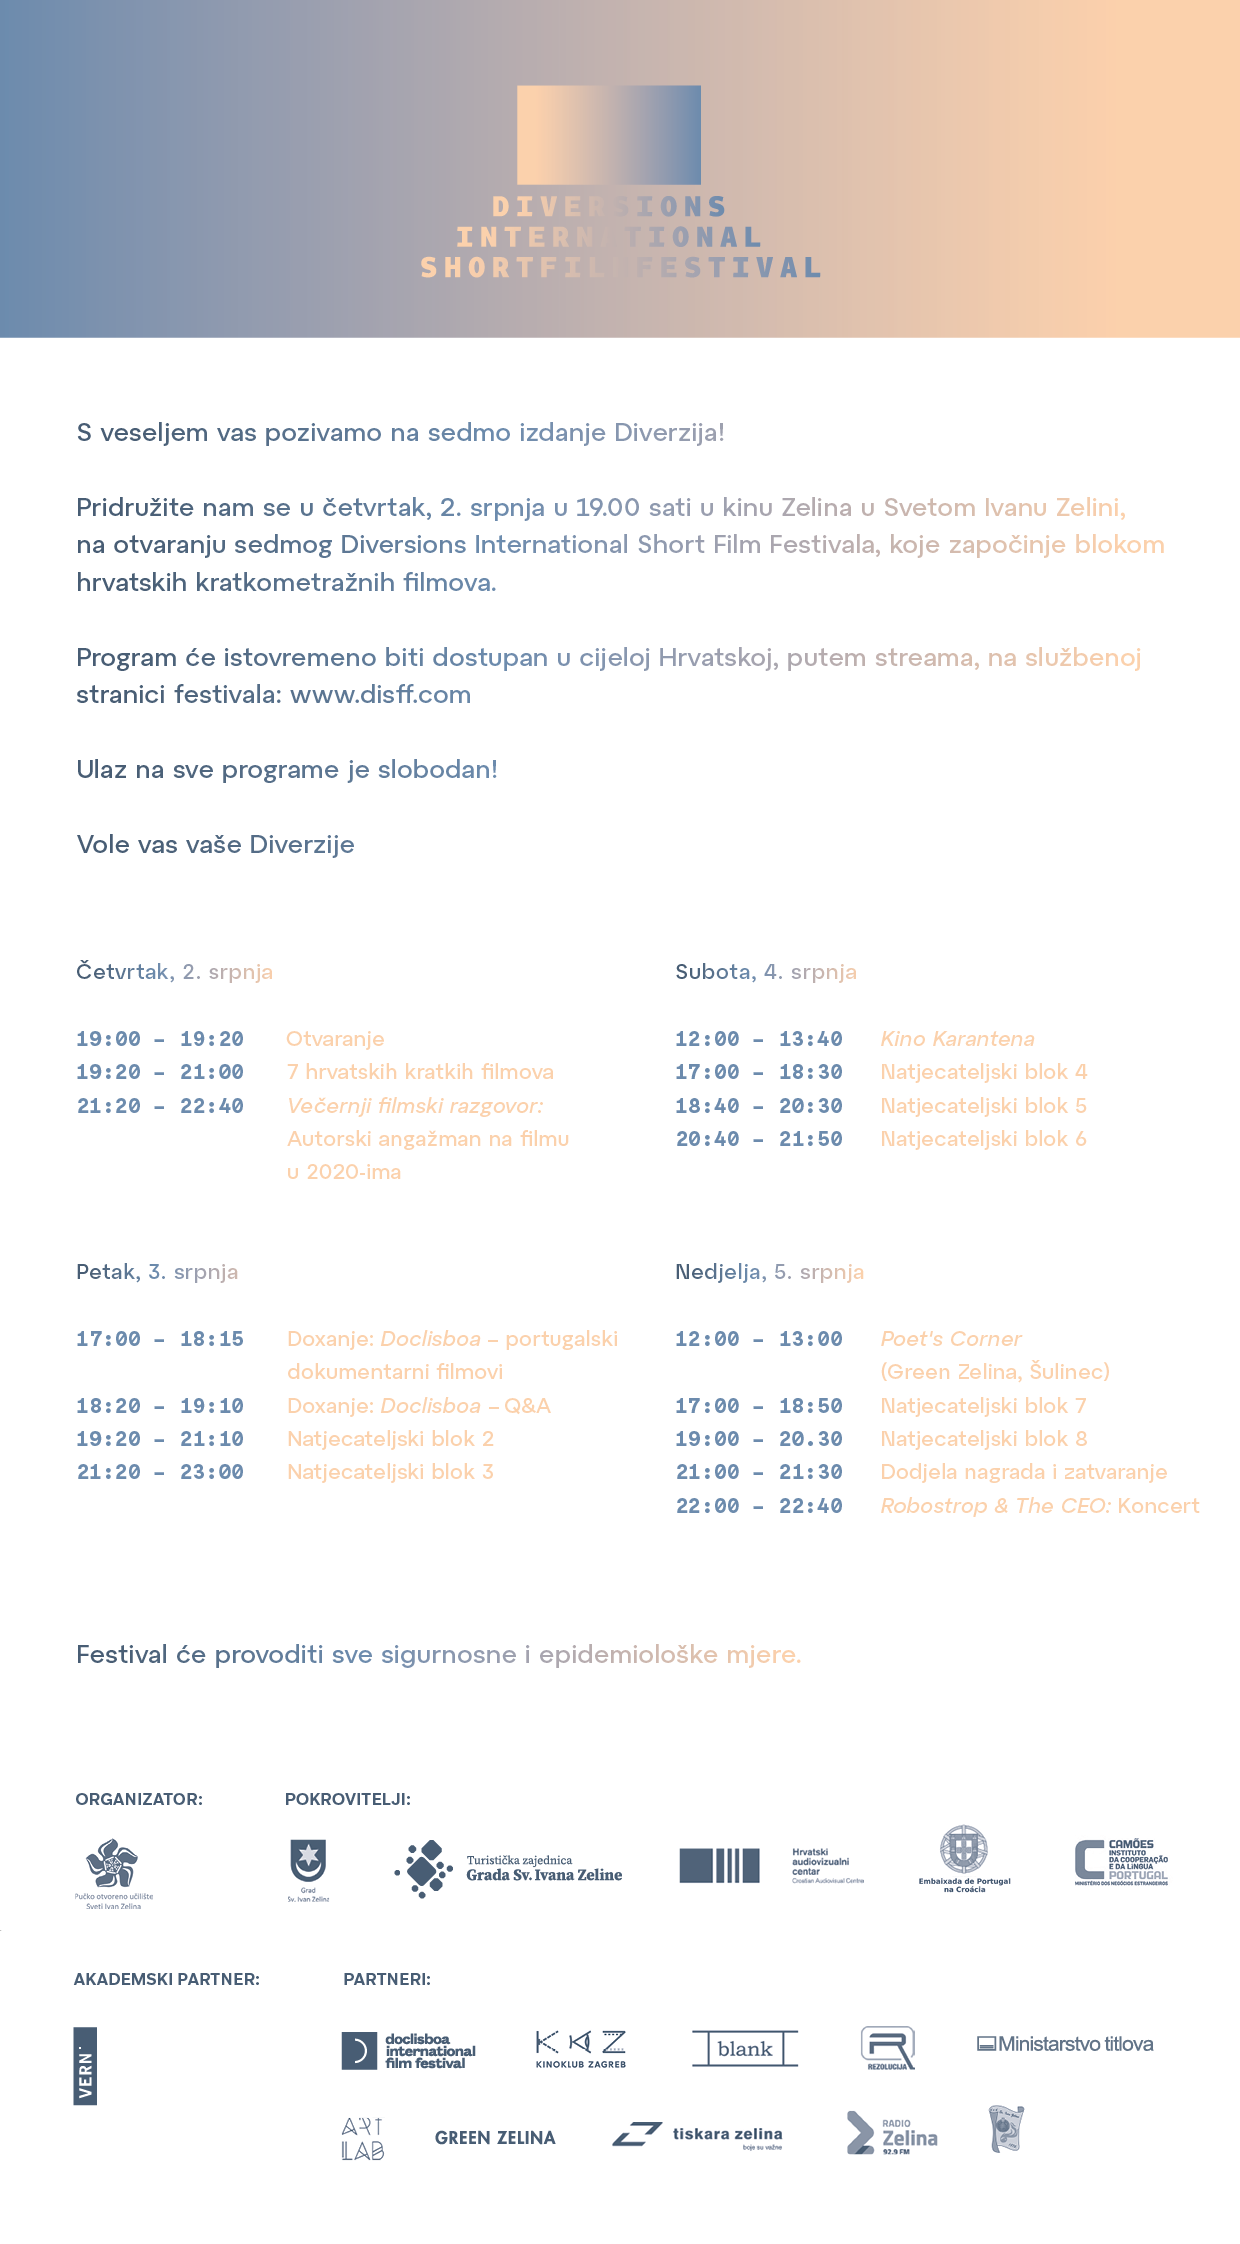 Diversions International Short Film Festival program